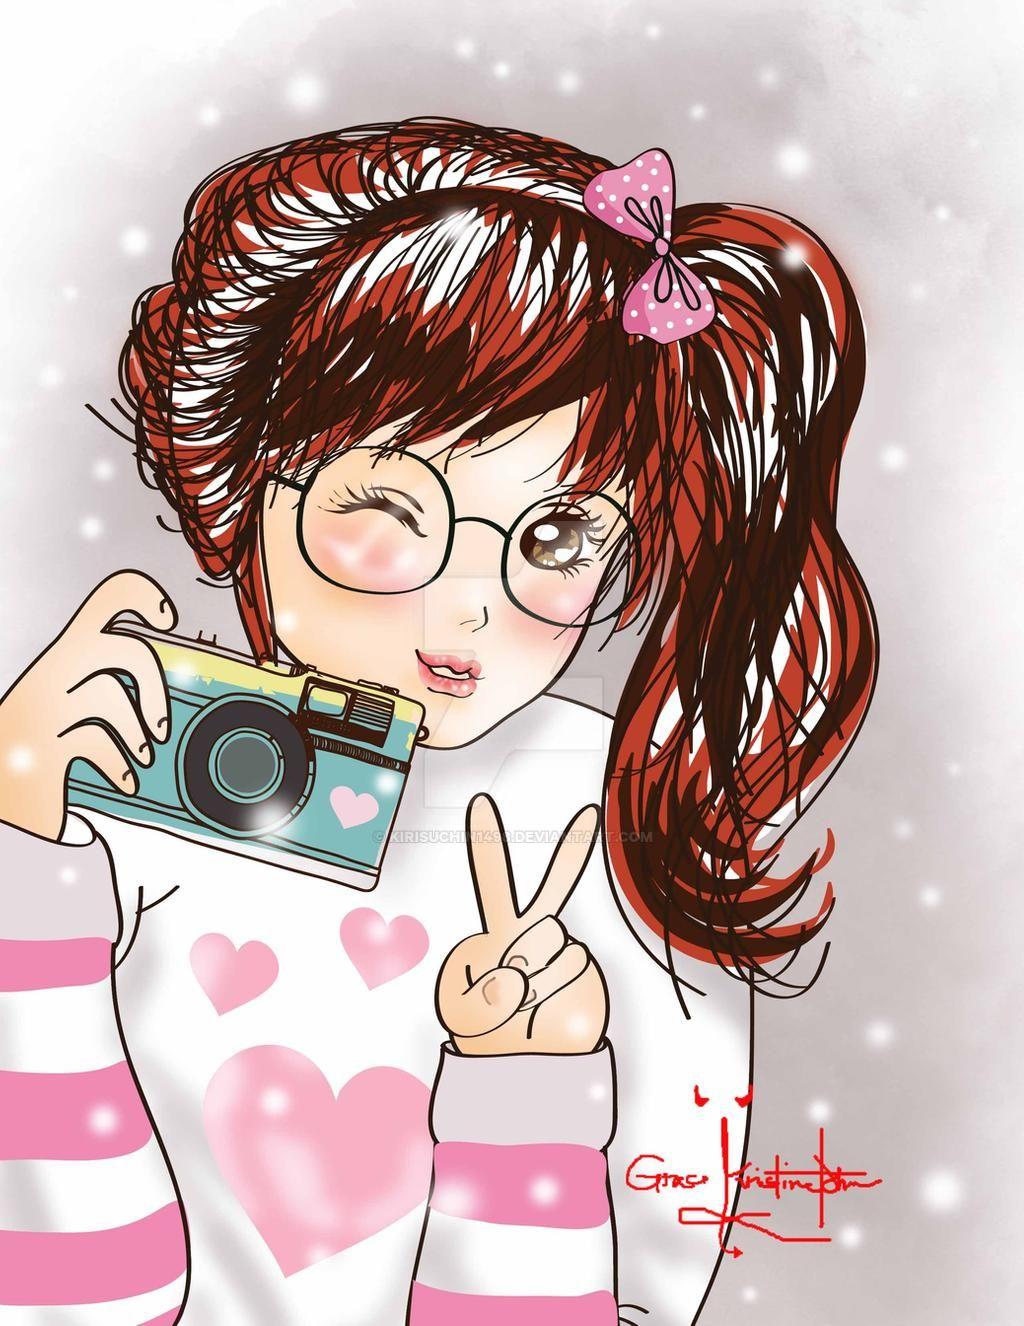 Cô gái tóc đỏ cam cầm máy chụp ảnh xinh đẹp - hình ảnh anime Hàn đẹp